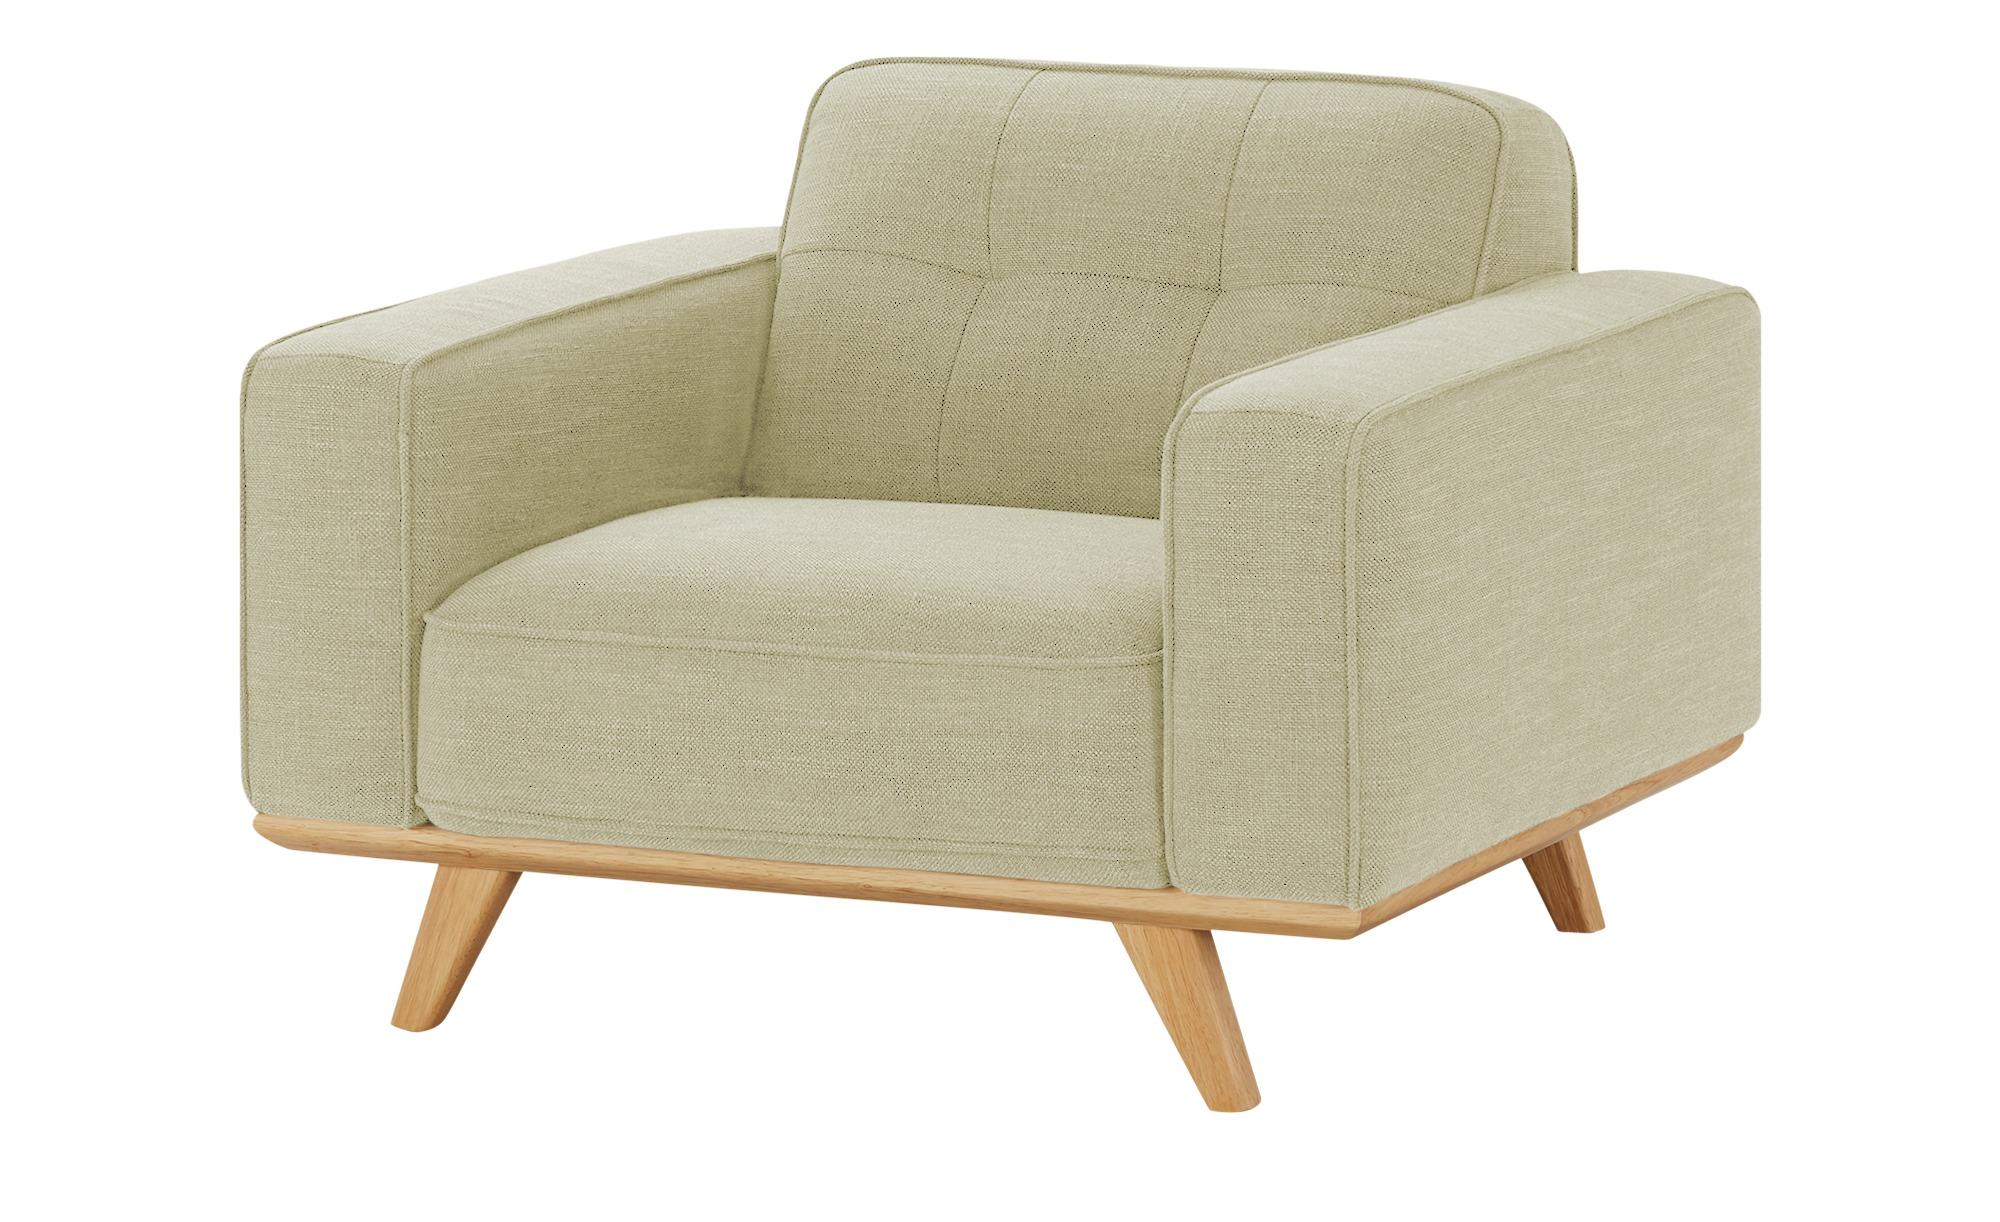 uno Sessel  Caralina ¦ beige ¦ Maße (cm): B: 112 H: 78 T: 95 Polstermöbel > Sessel > Polstersessel - Höffner